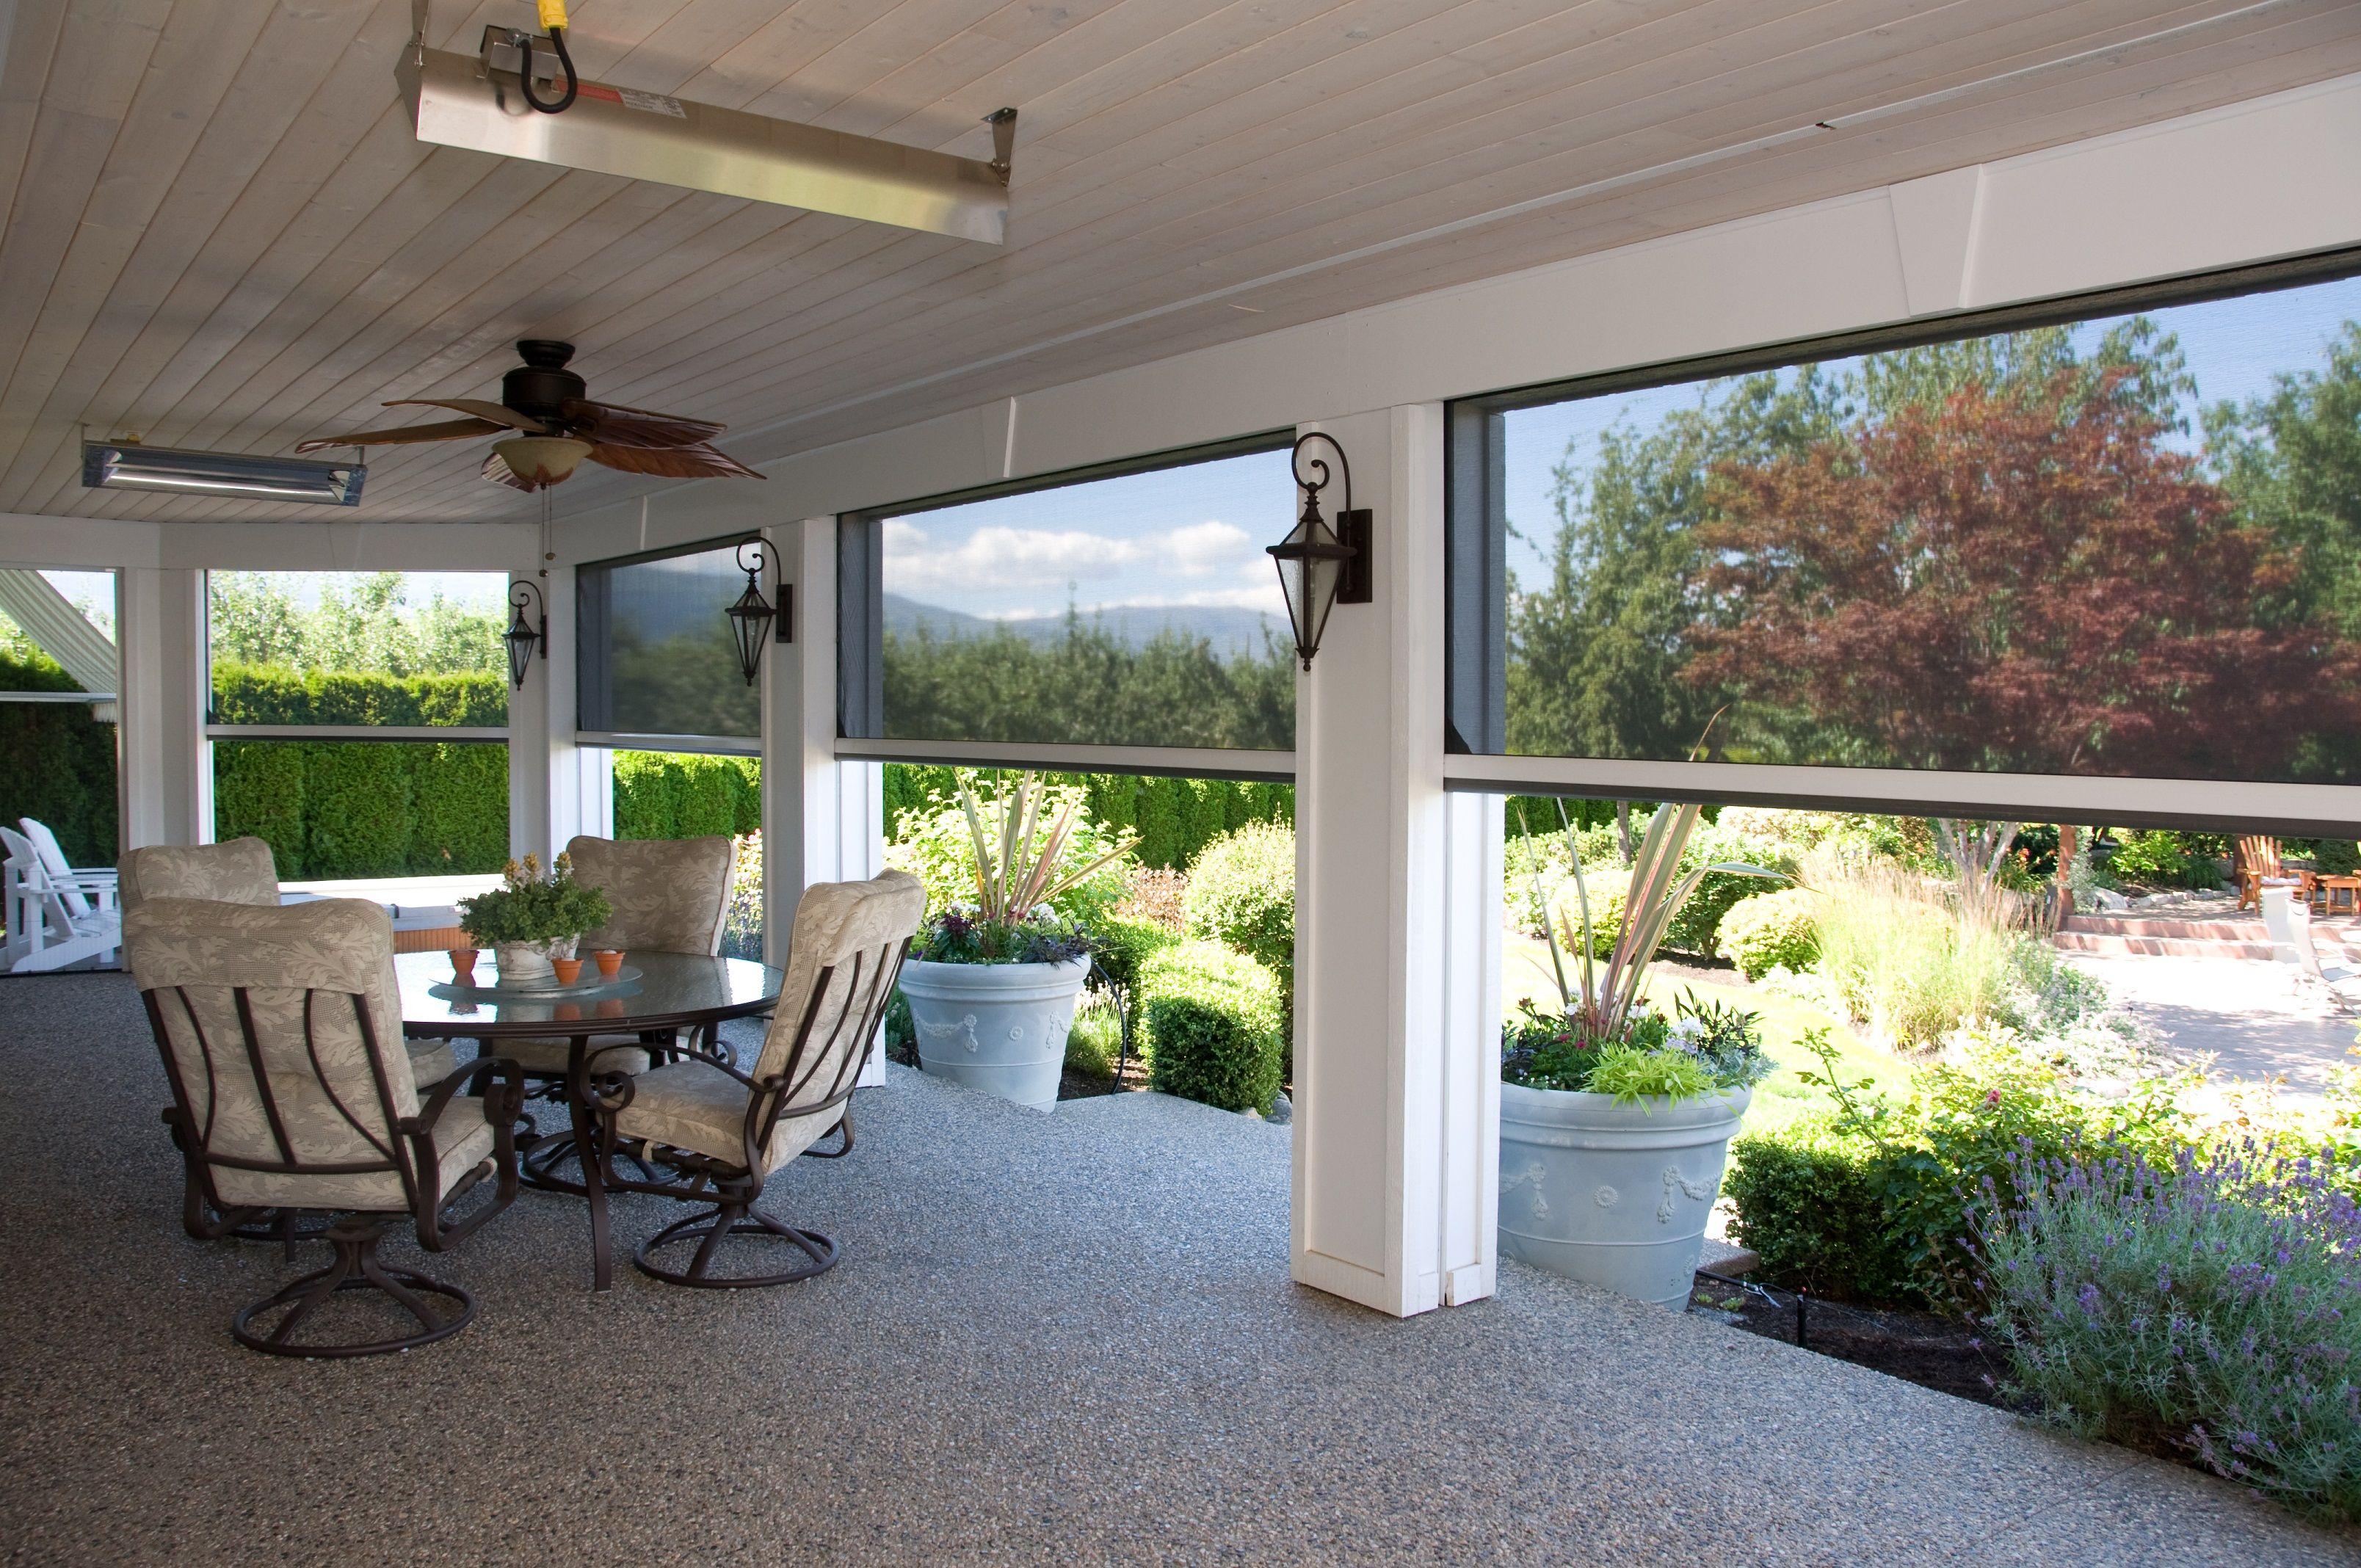 A home with a garden view phantom screens screened